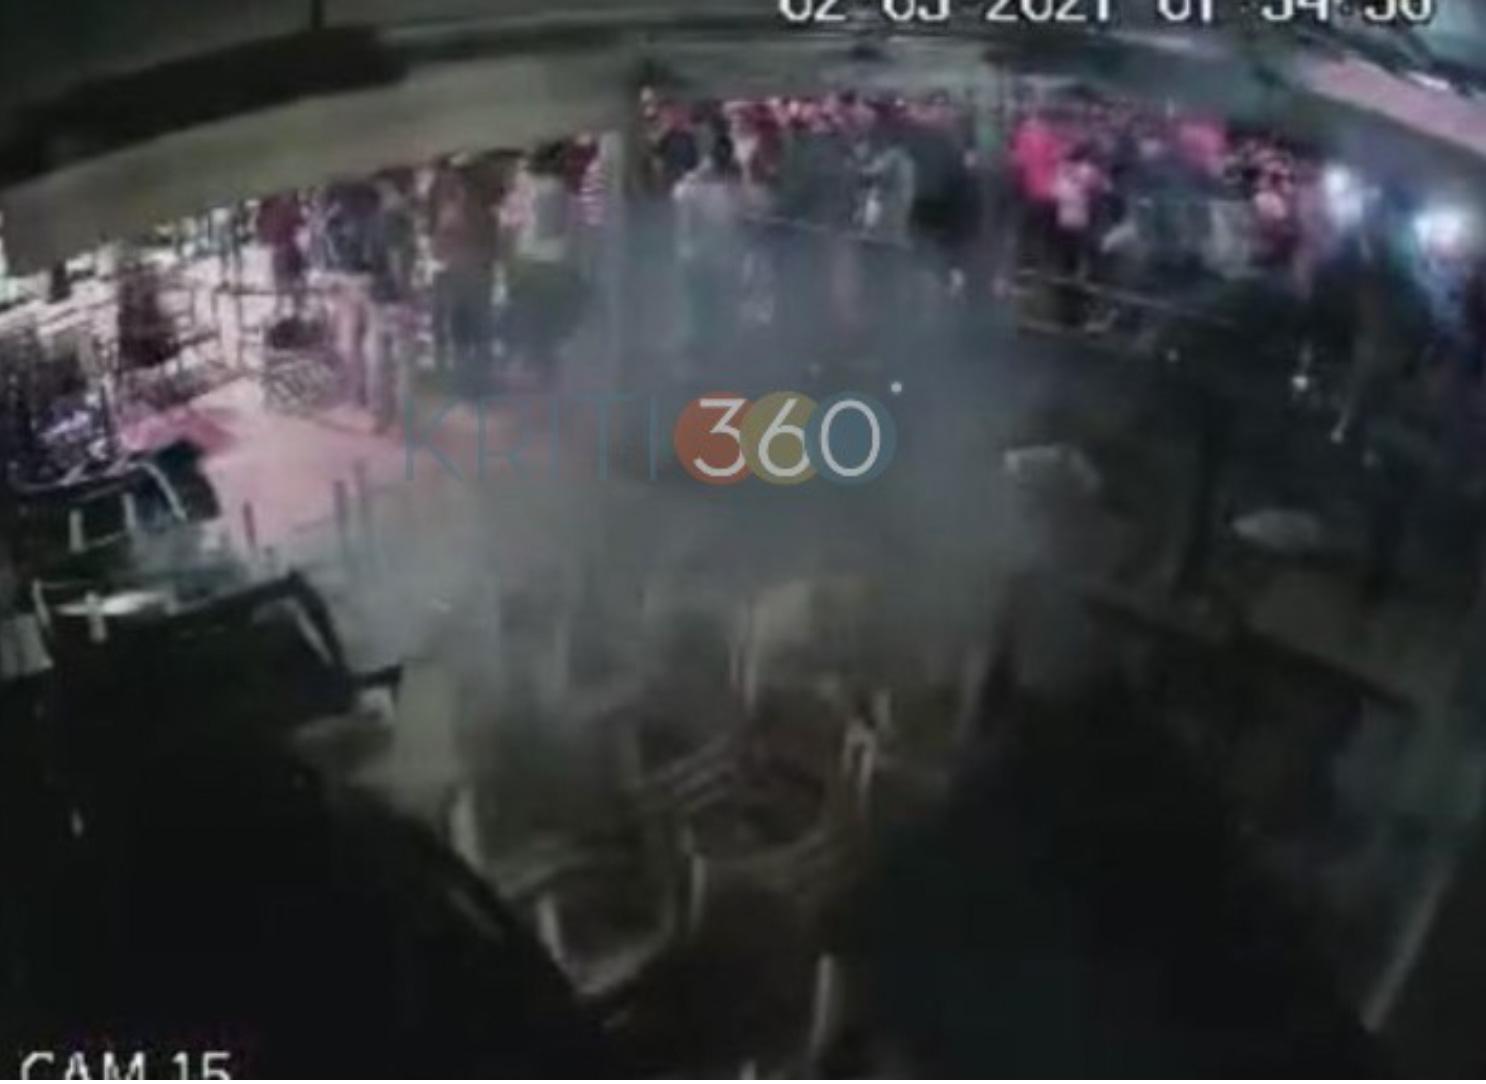 Χανιά: Παραλίγο «μπουρλότο» σε μαγαζί κατά τη διάρκεια κορονοπάρτι  (video)